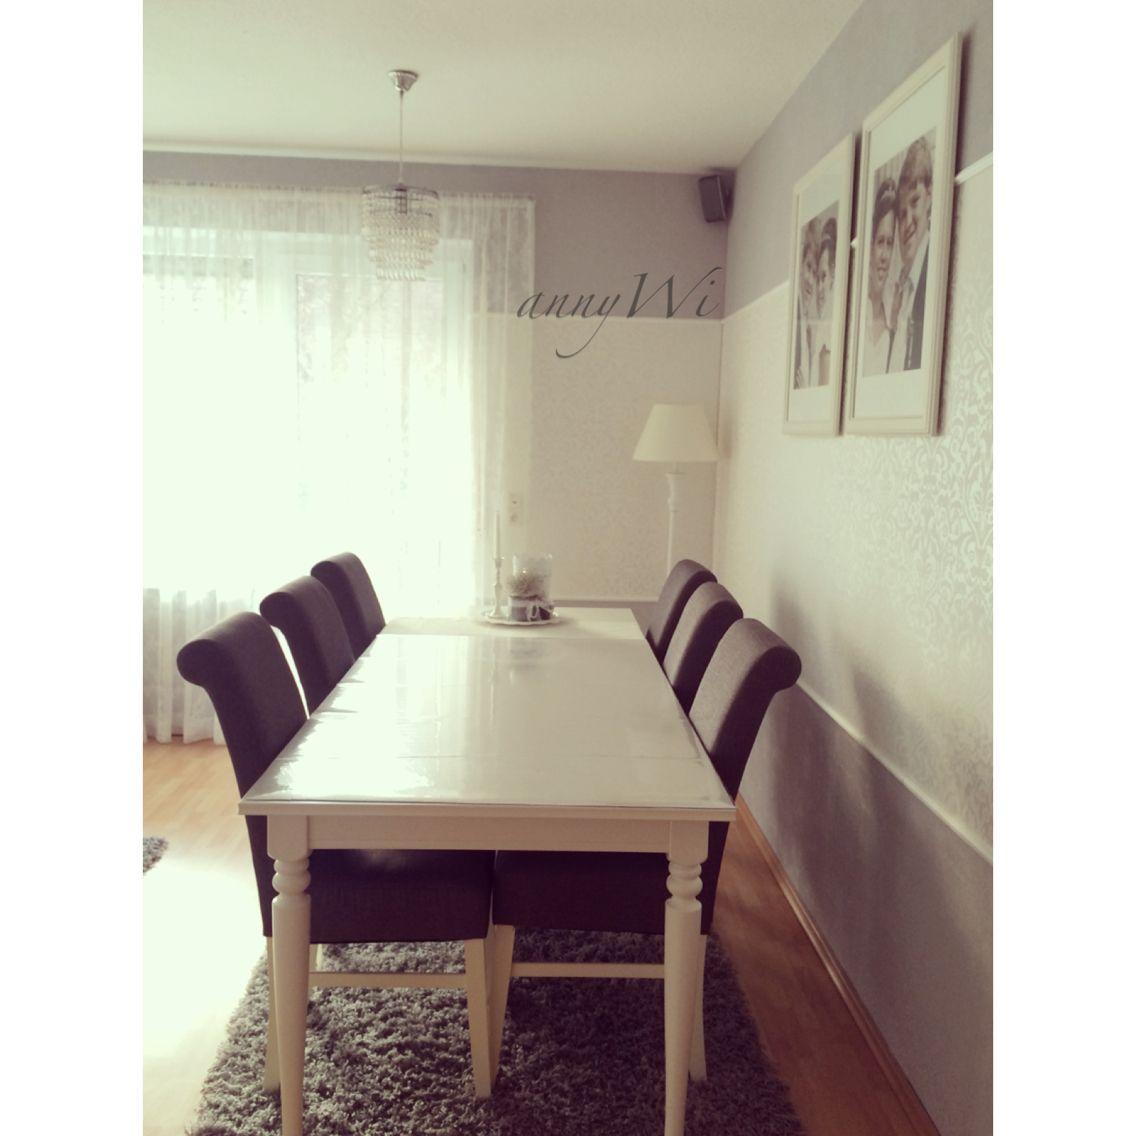 home haus wohnzimmer esszimmer livingroom annywi shabby vintage